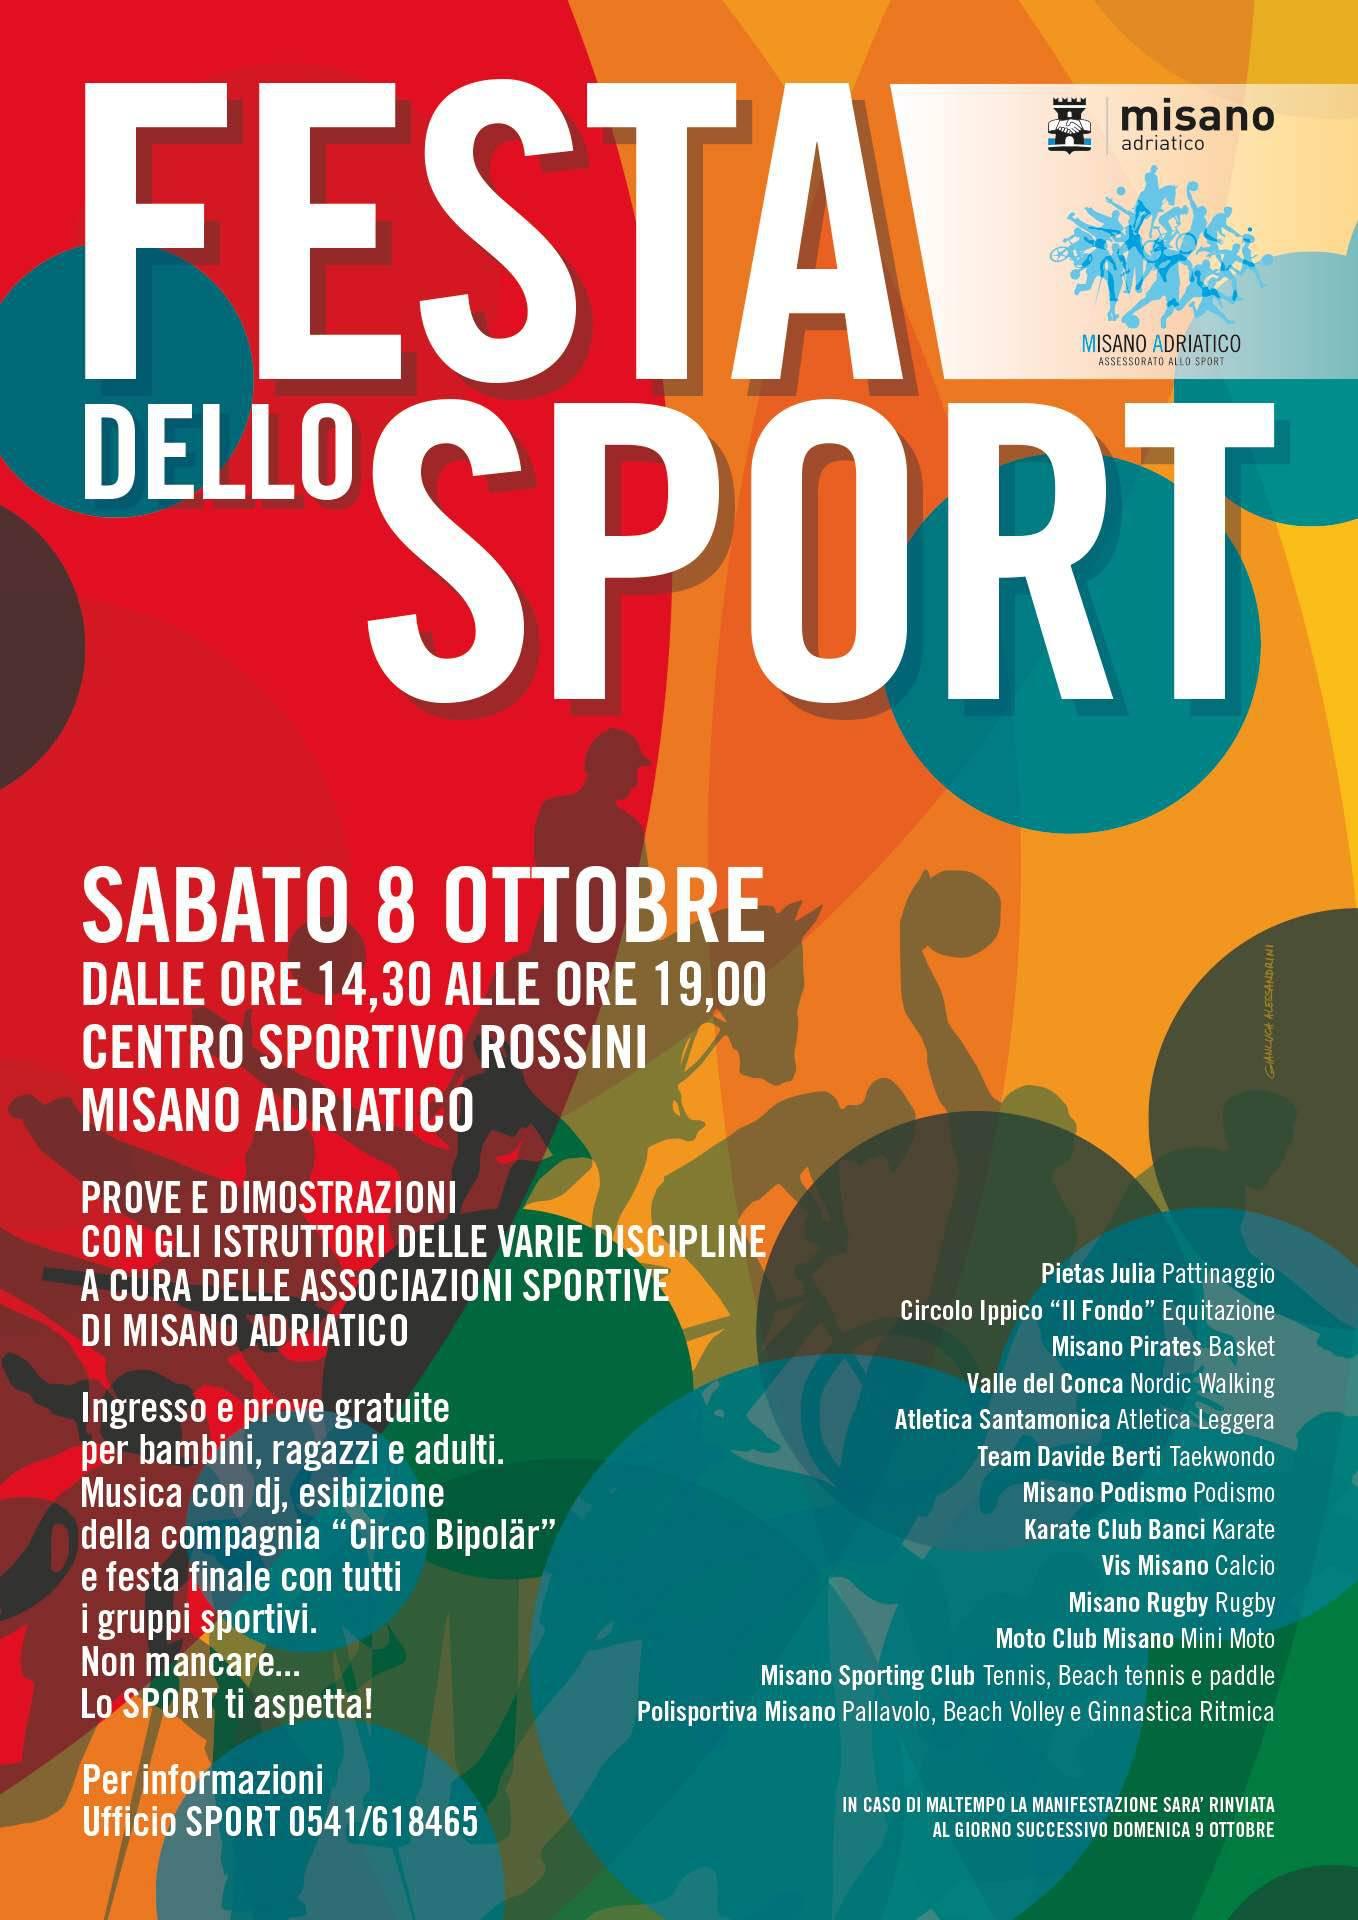 Ritorna sabato 8 ottobre a Misano la Festa dello Sport